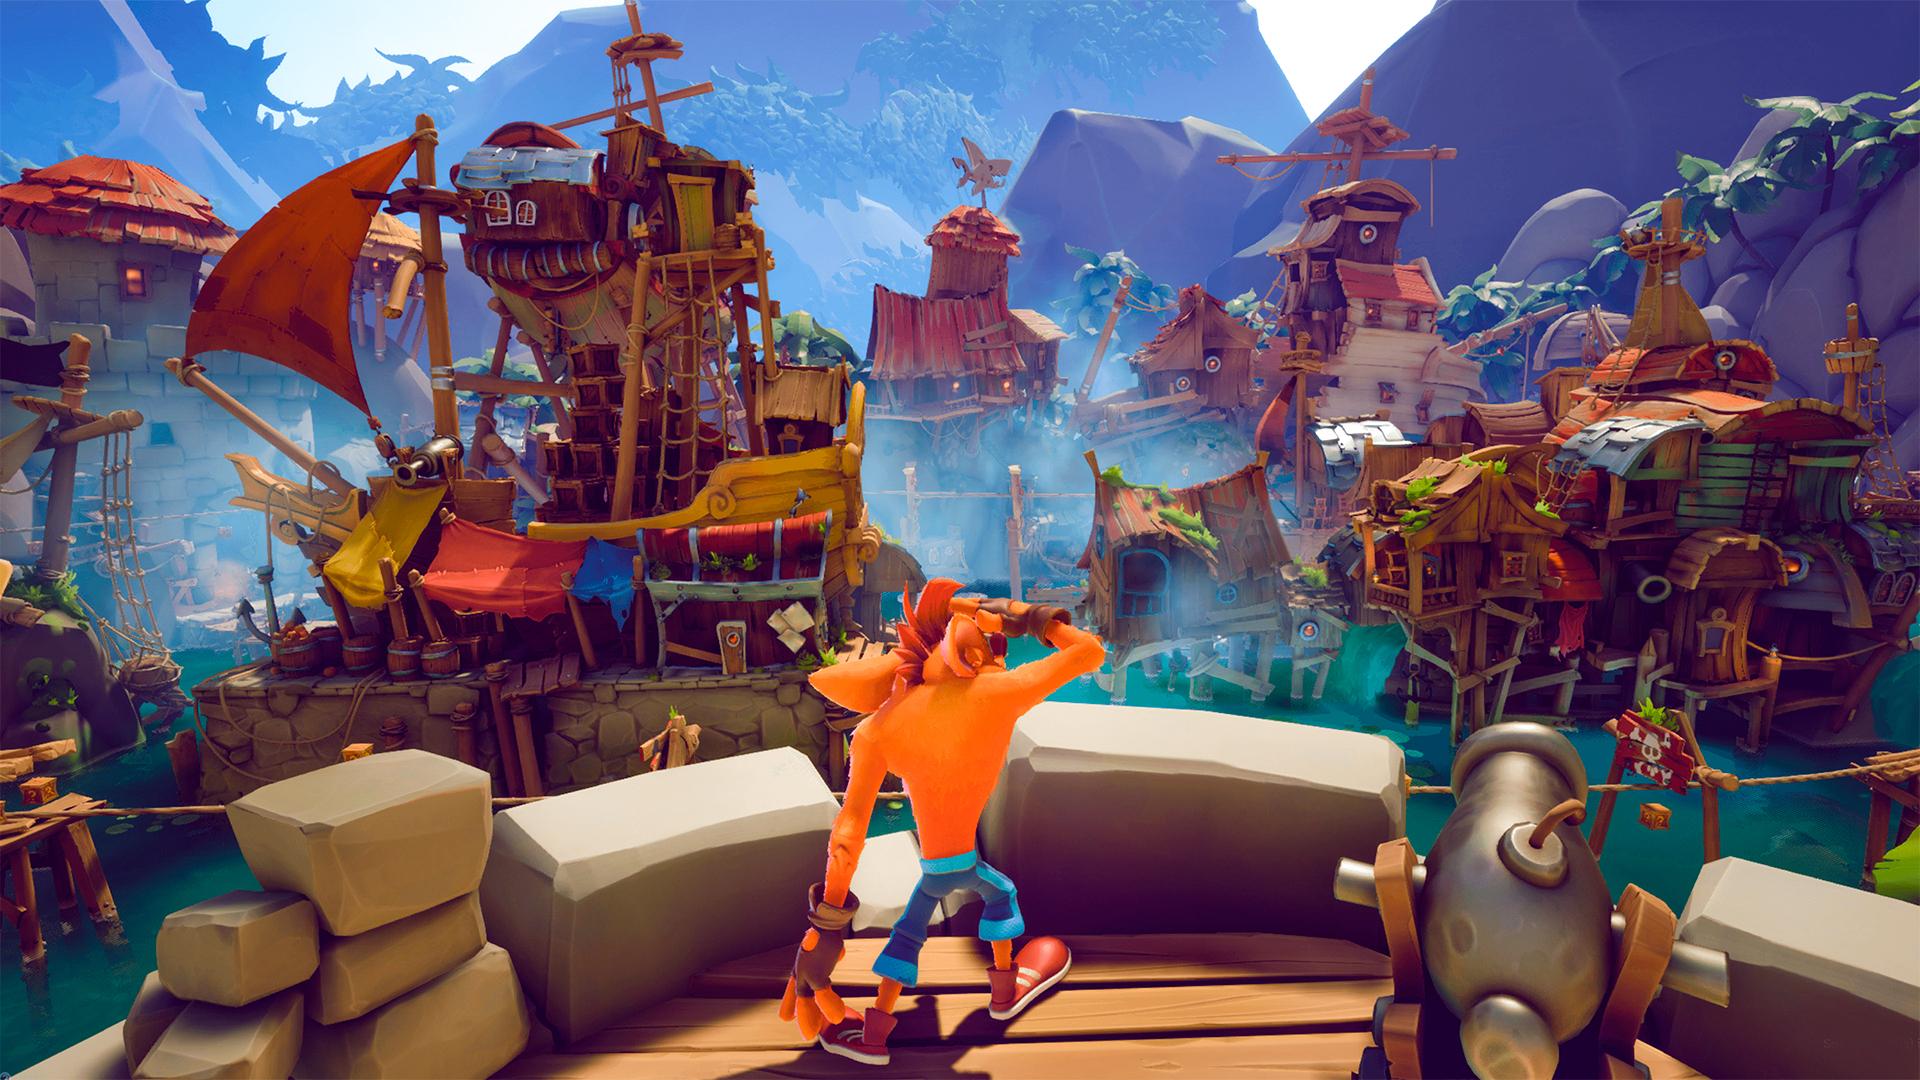 Jogos: Crash Bandicoot 4: It's About Time é anunciado oficialmente